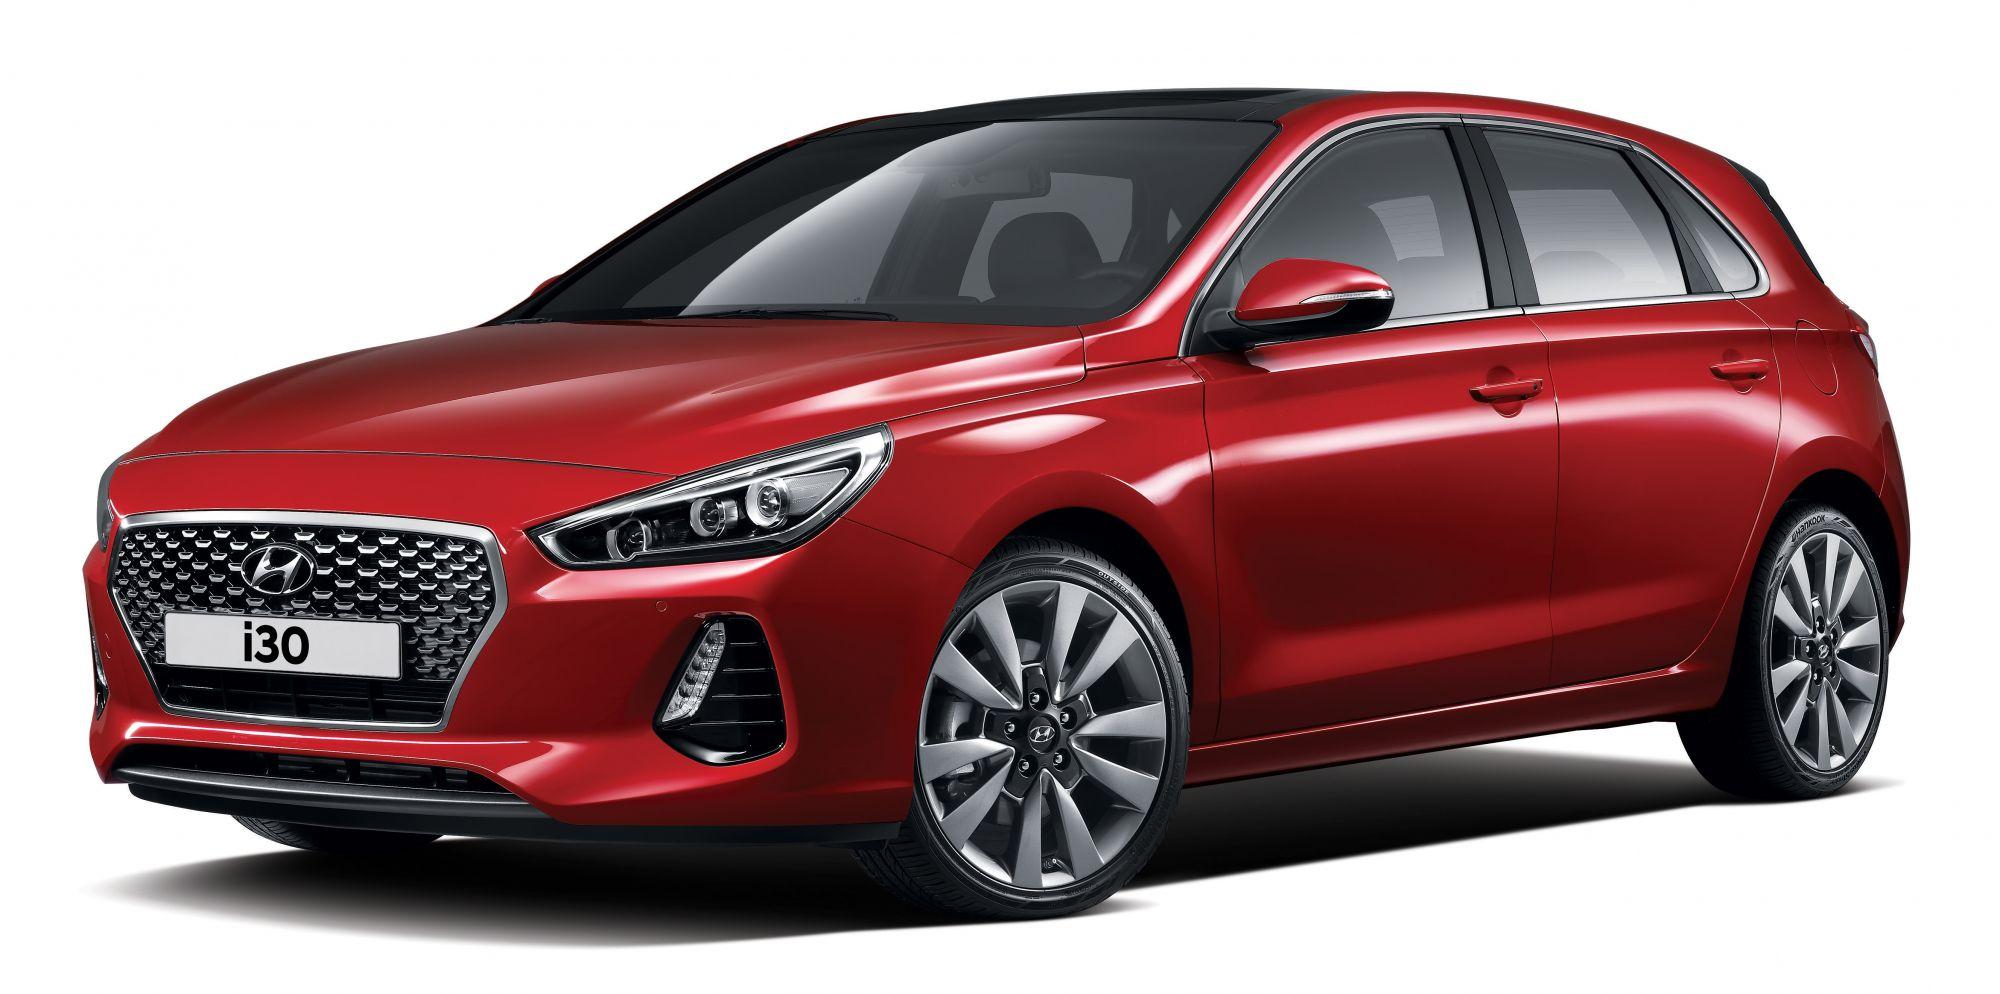 akcija - Hyundai i30 1,4 MPi Impression